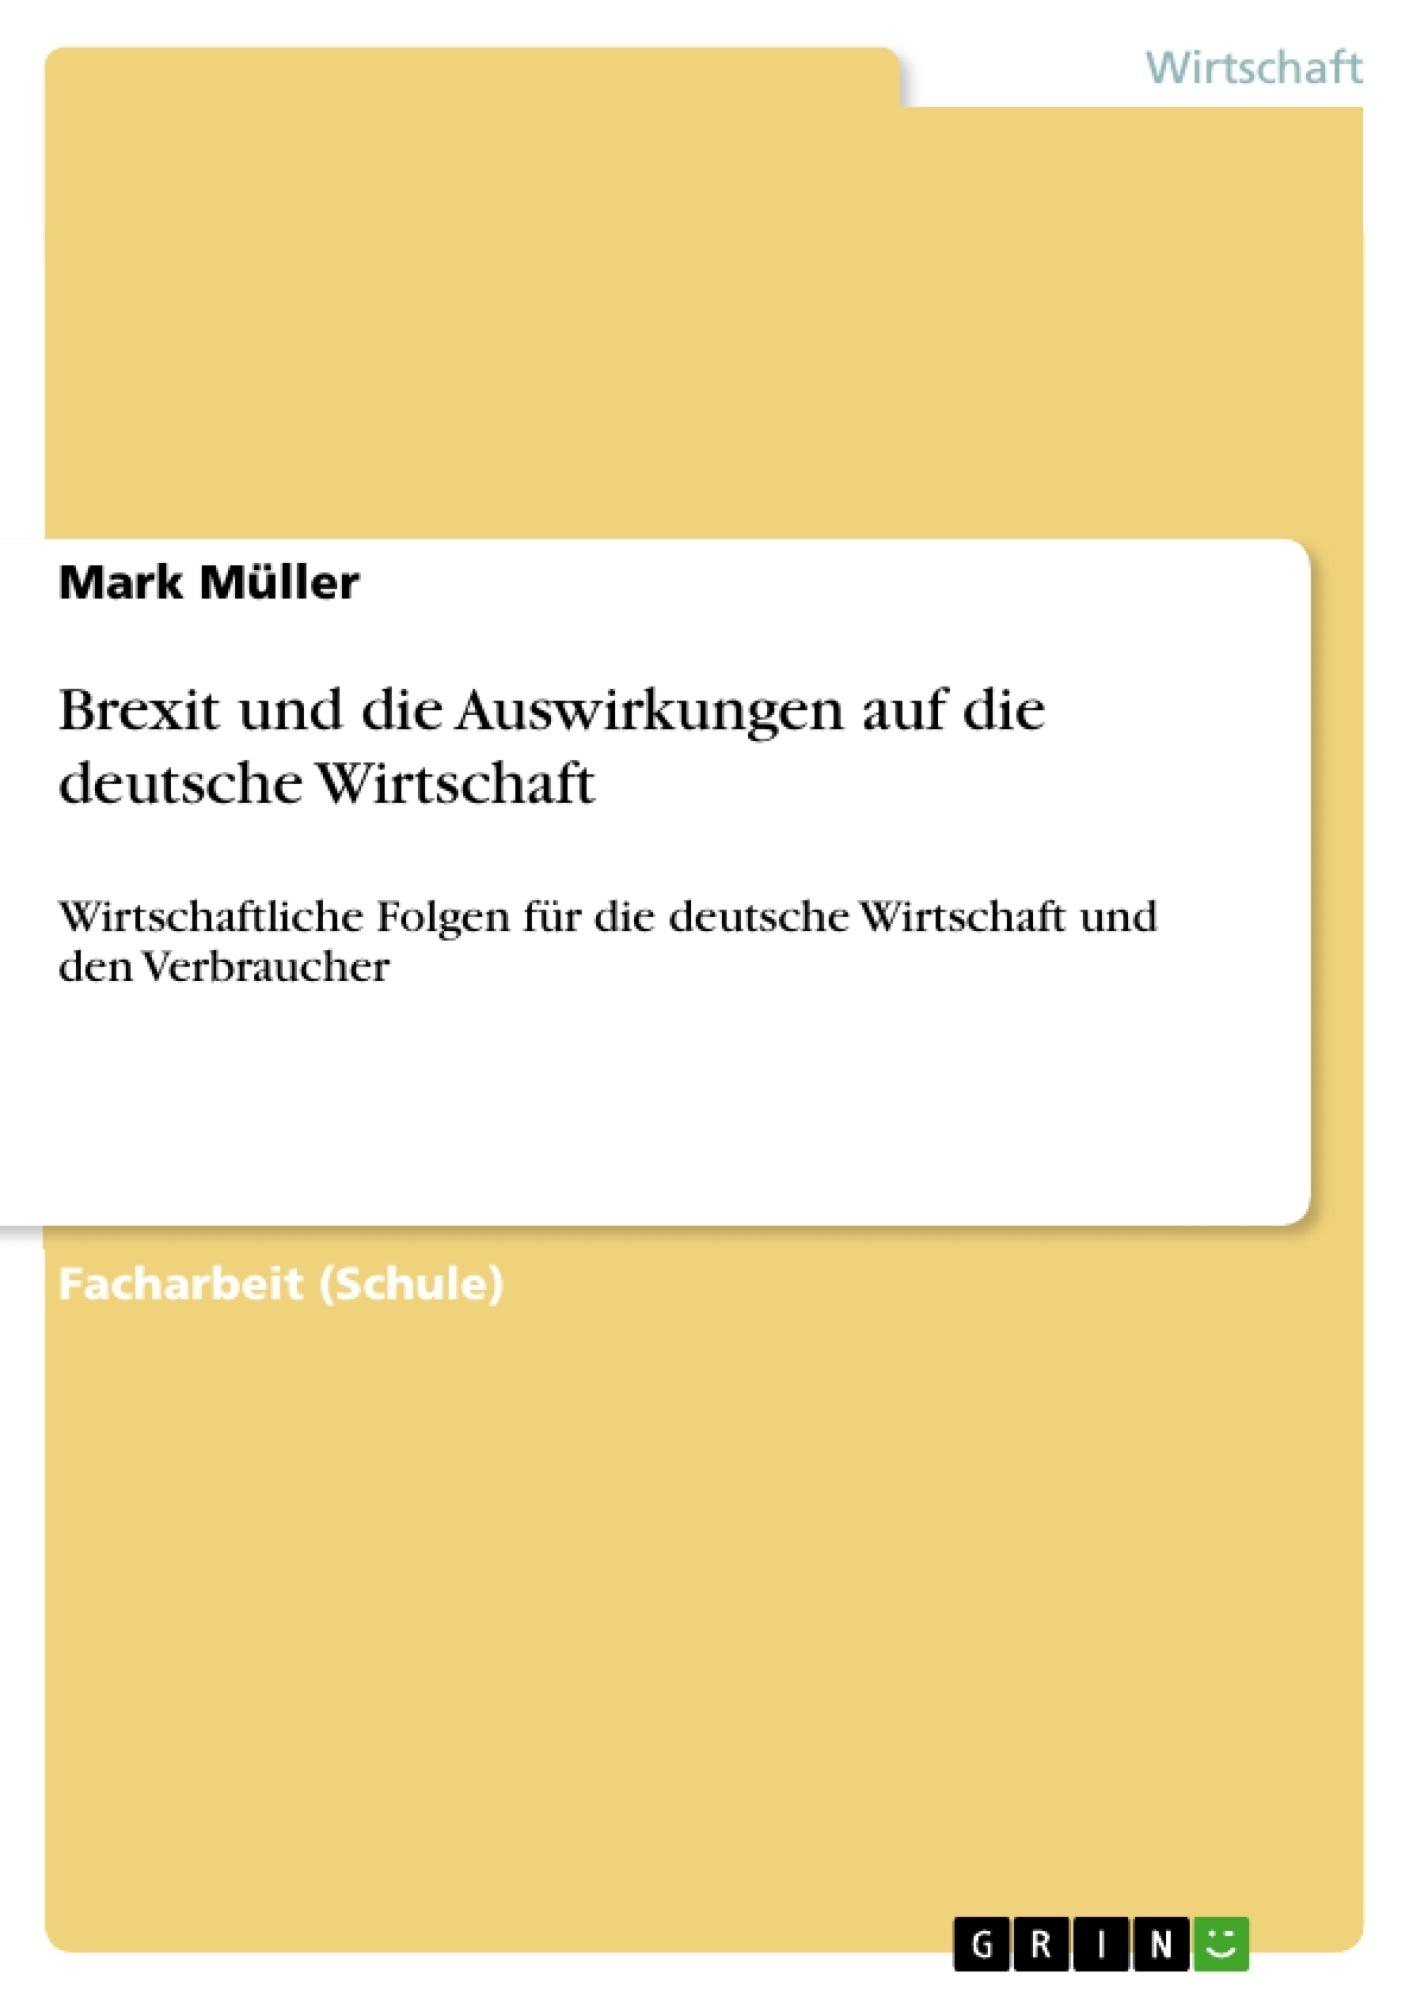 Titel: Brexit und die Auswirkungen auf die deutsche Wirtschaft